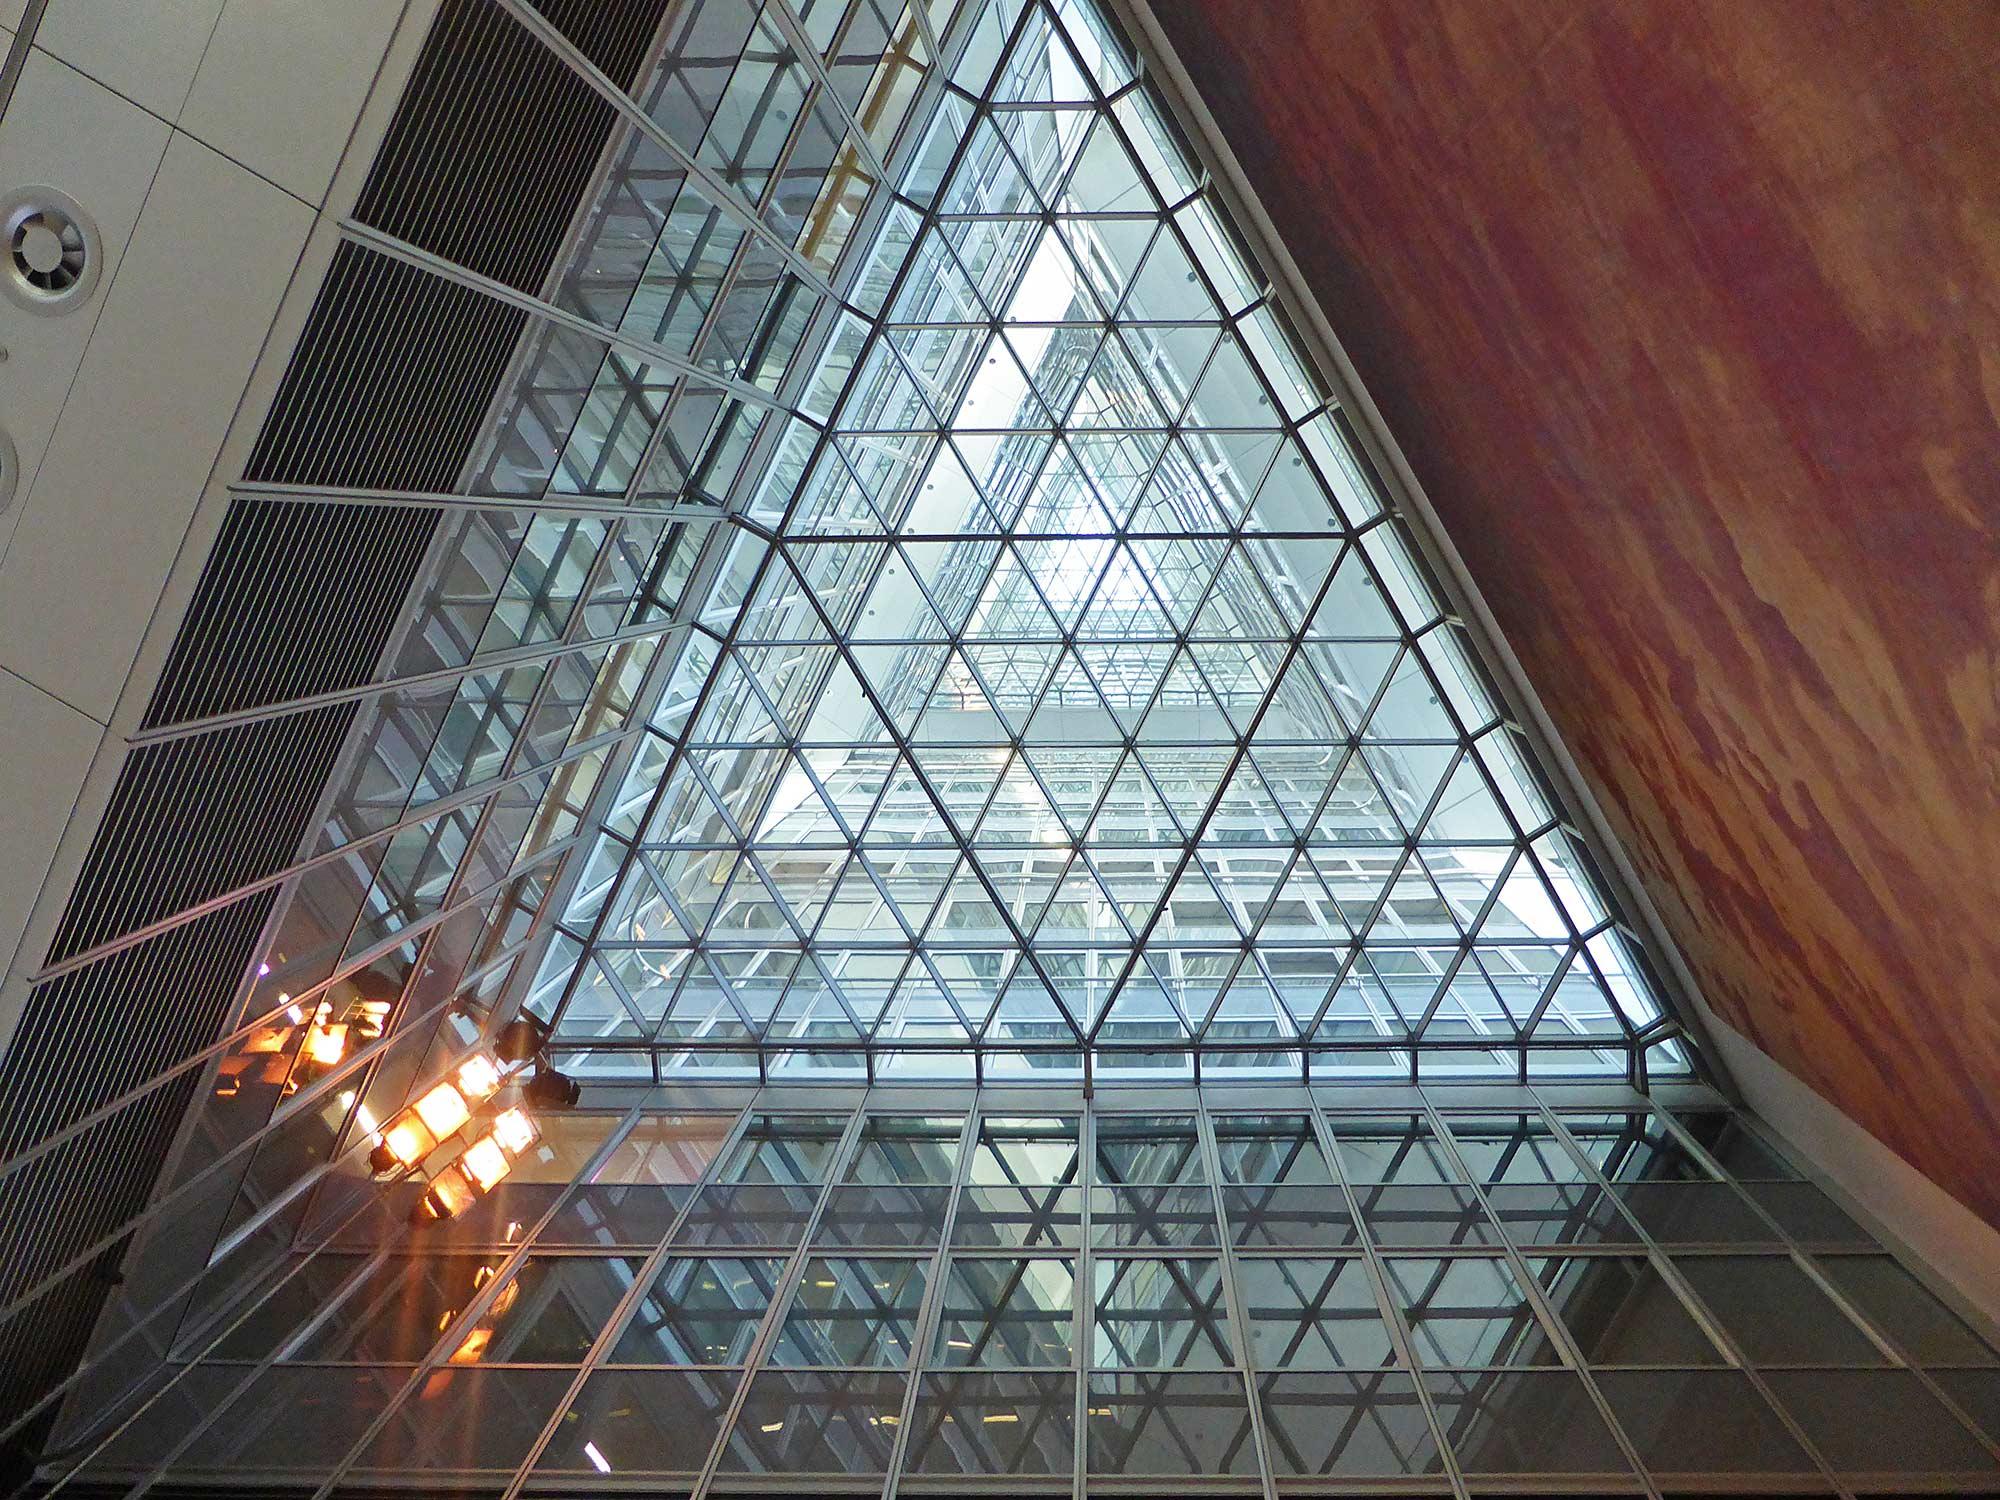 Neubau der Commerzbank AG in Frankfurt von Sir Norman Foster - Commerzbank Tower Lobby - Commerzbank Hochhaus Eingangshalle und Wintergärten